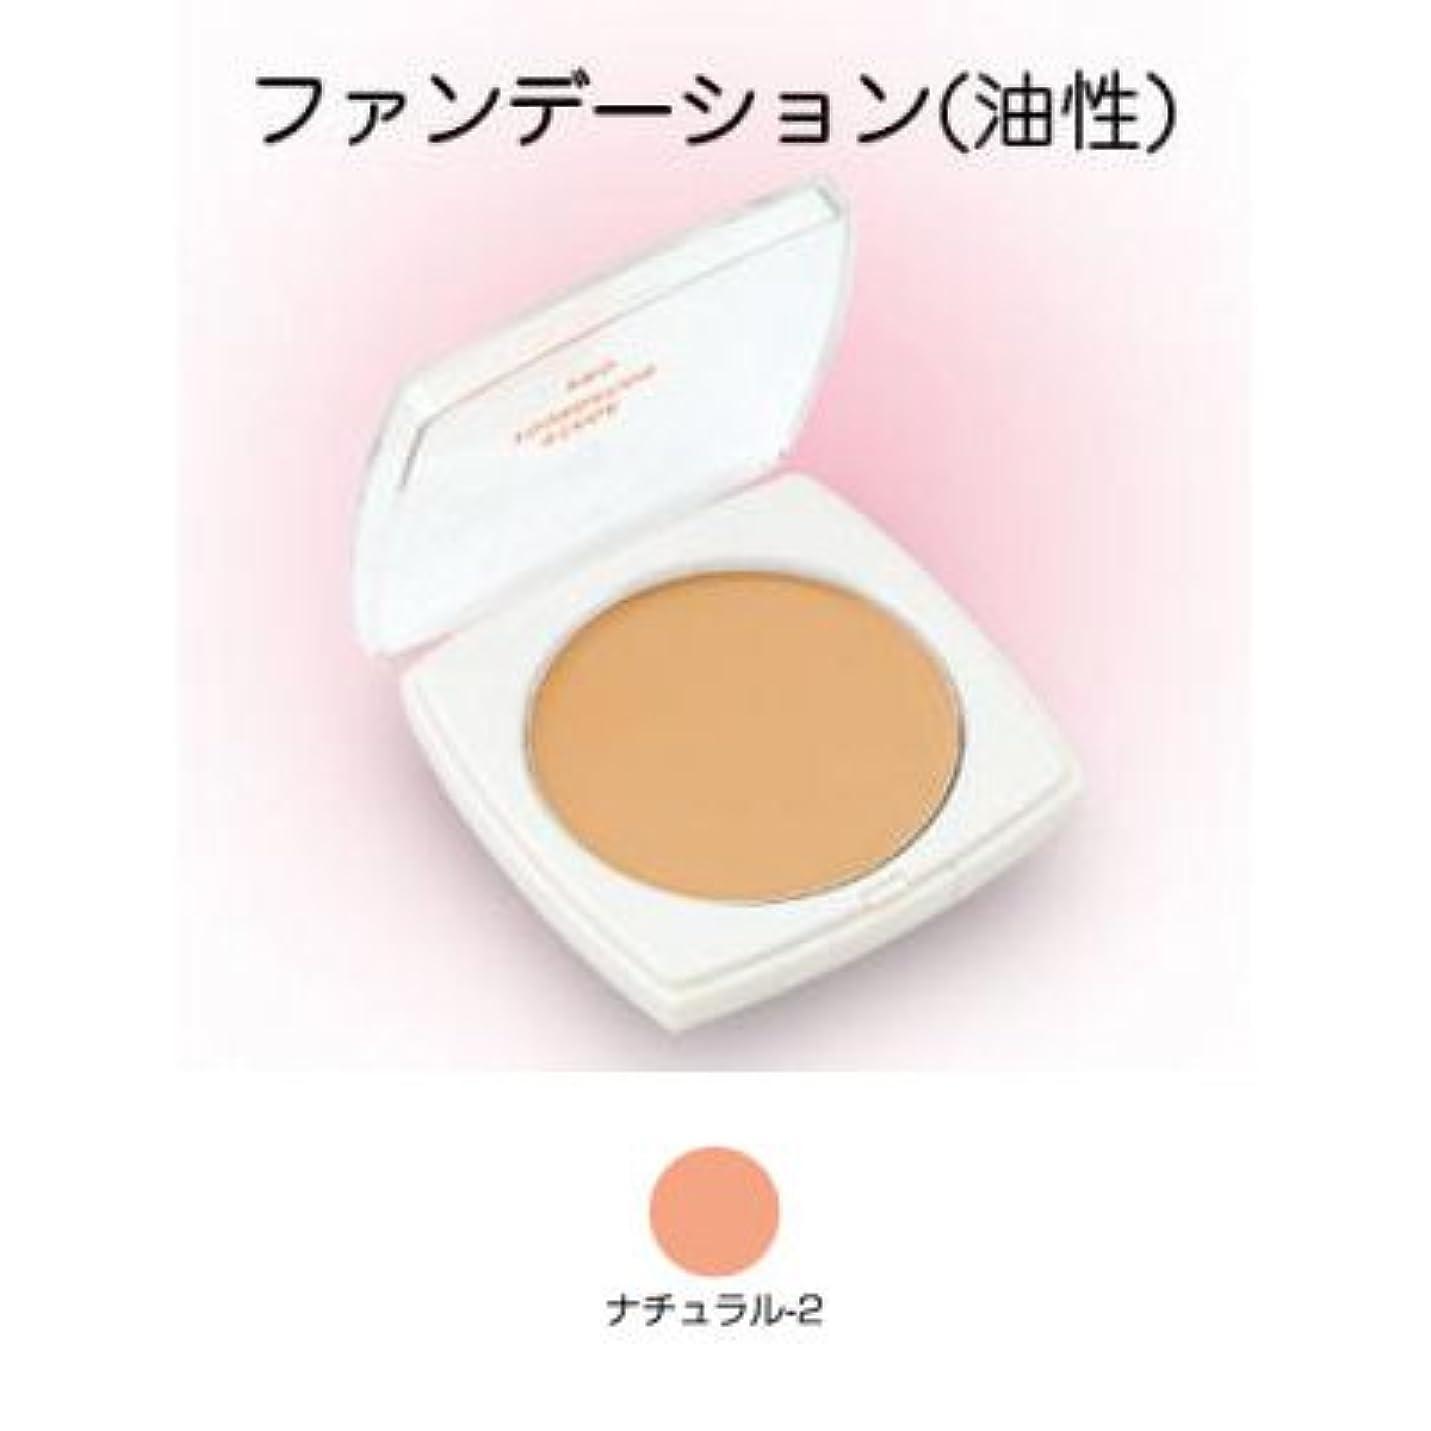 対処不道徳発送ステージファンデーション プロ 13g ナチュラル-2 【三善】